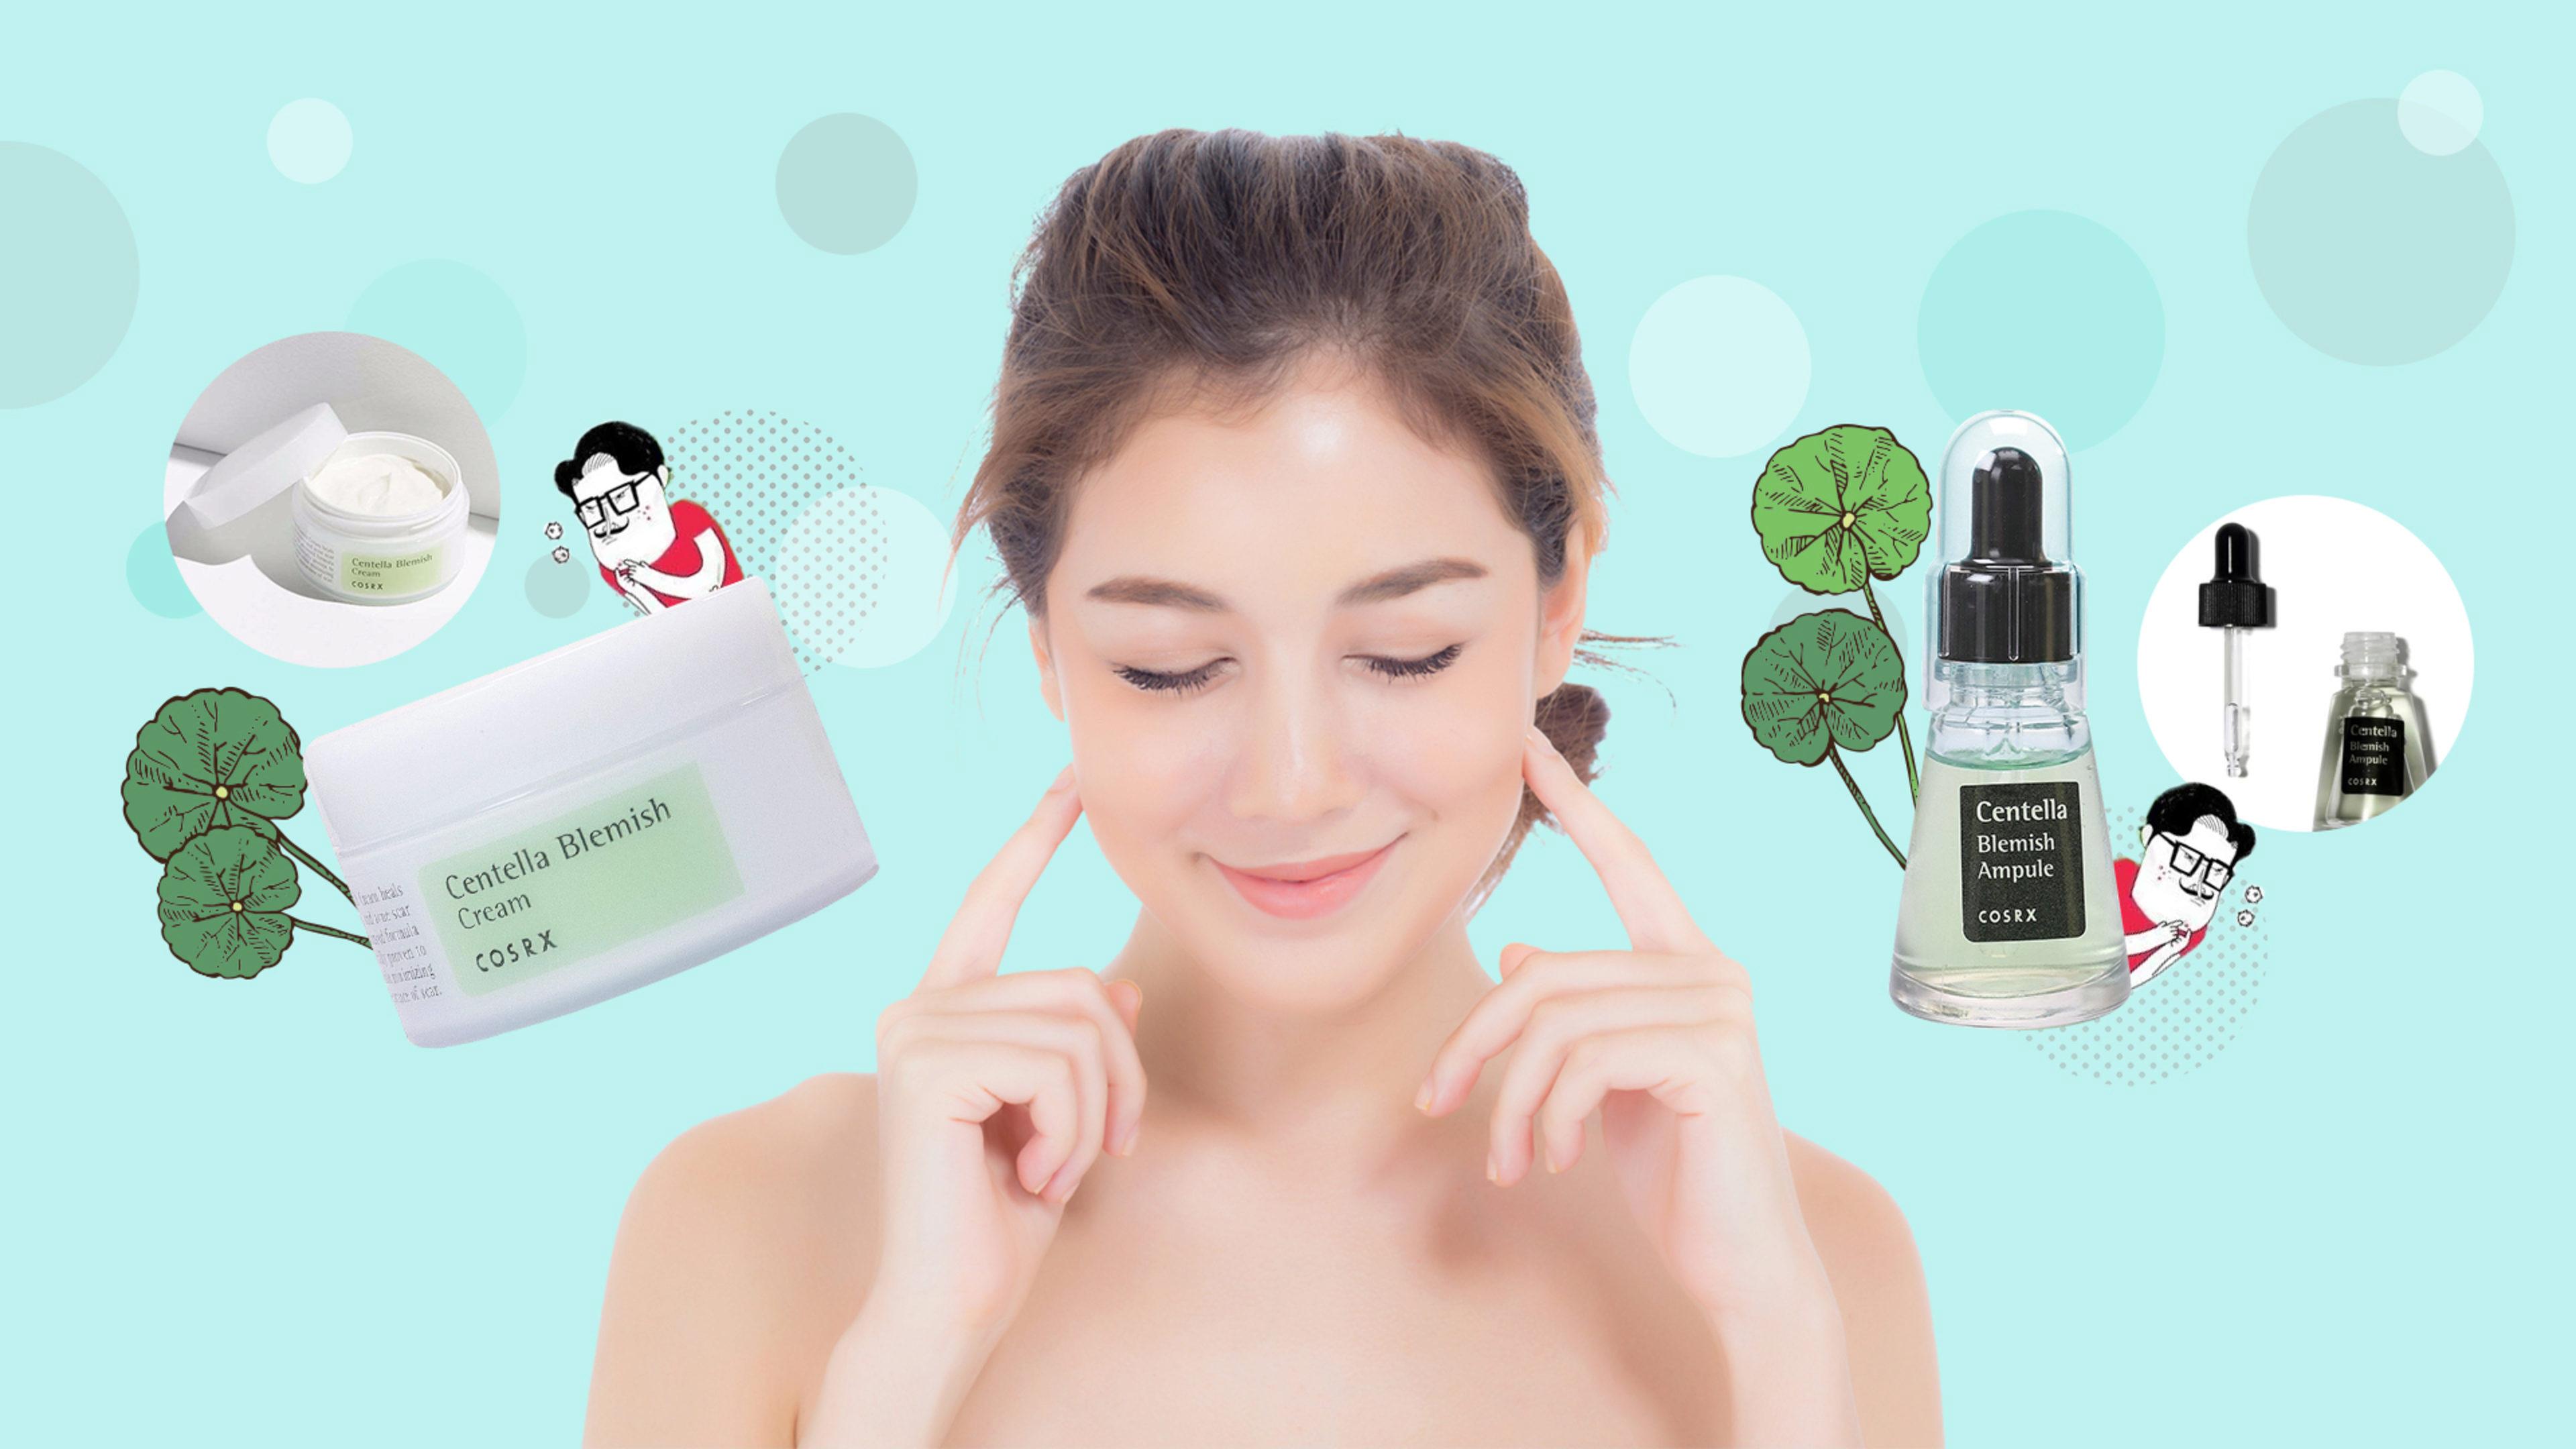 Centella Asiatica Skincare